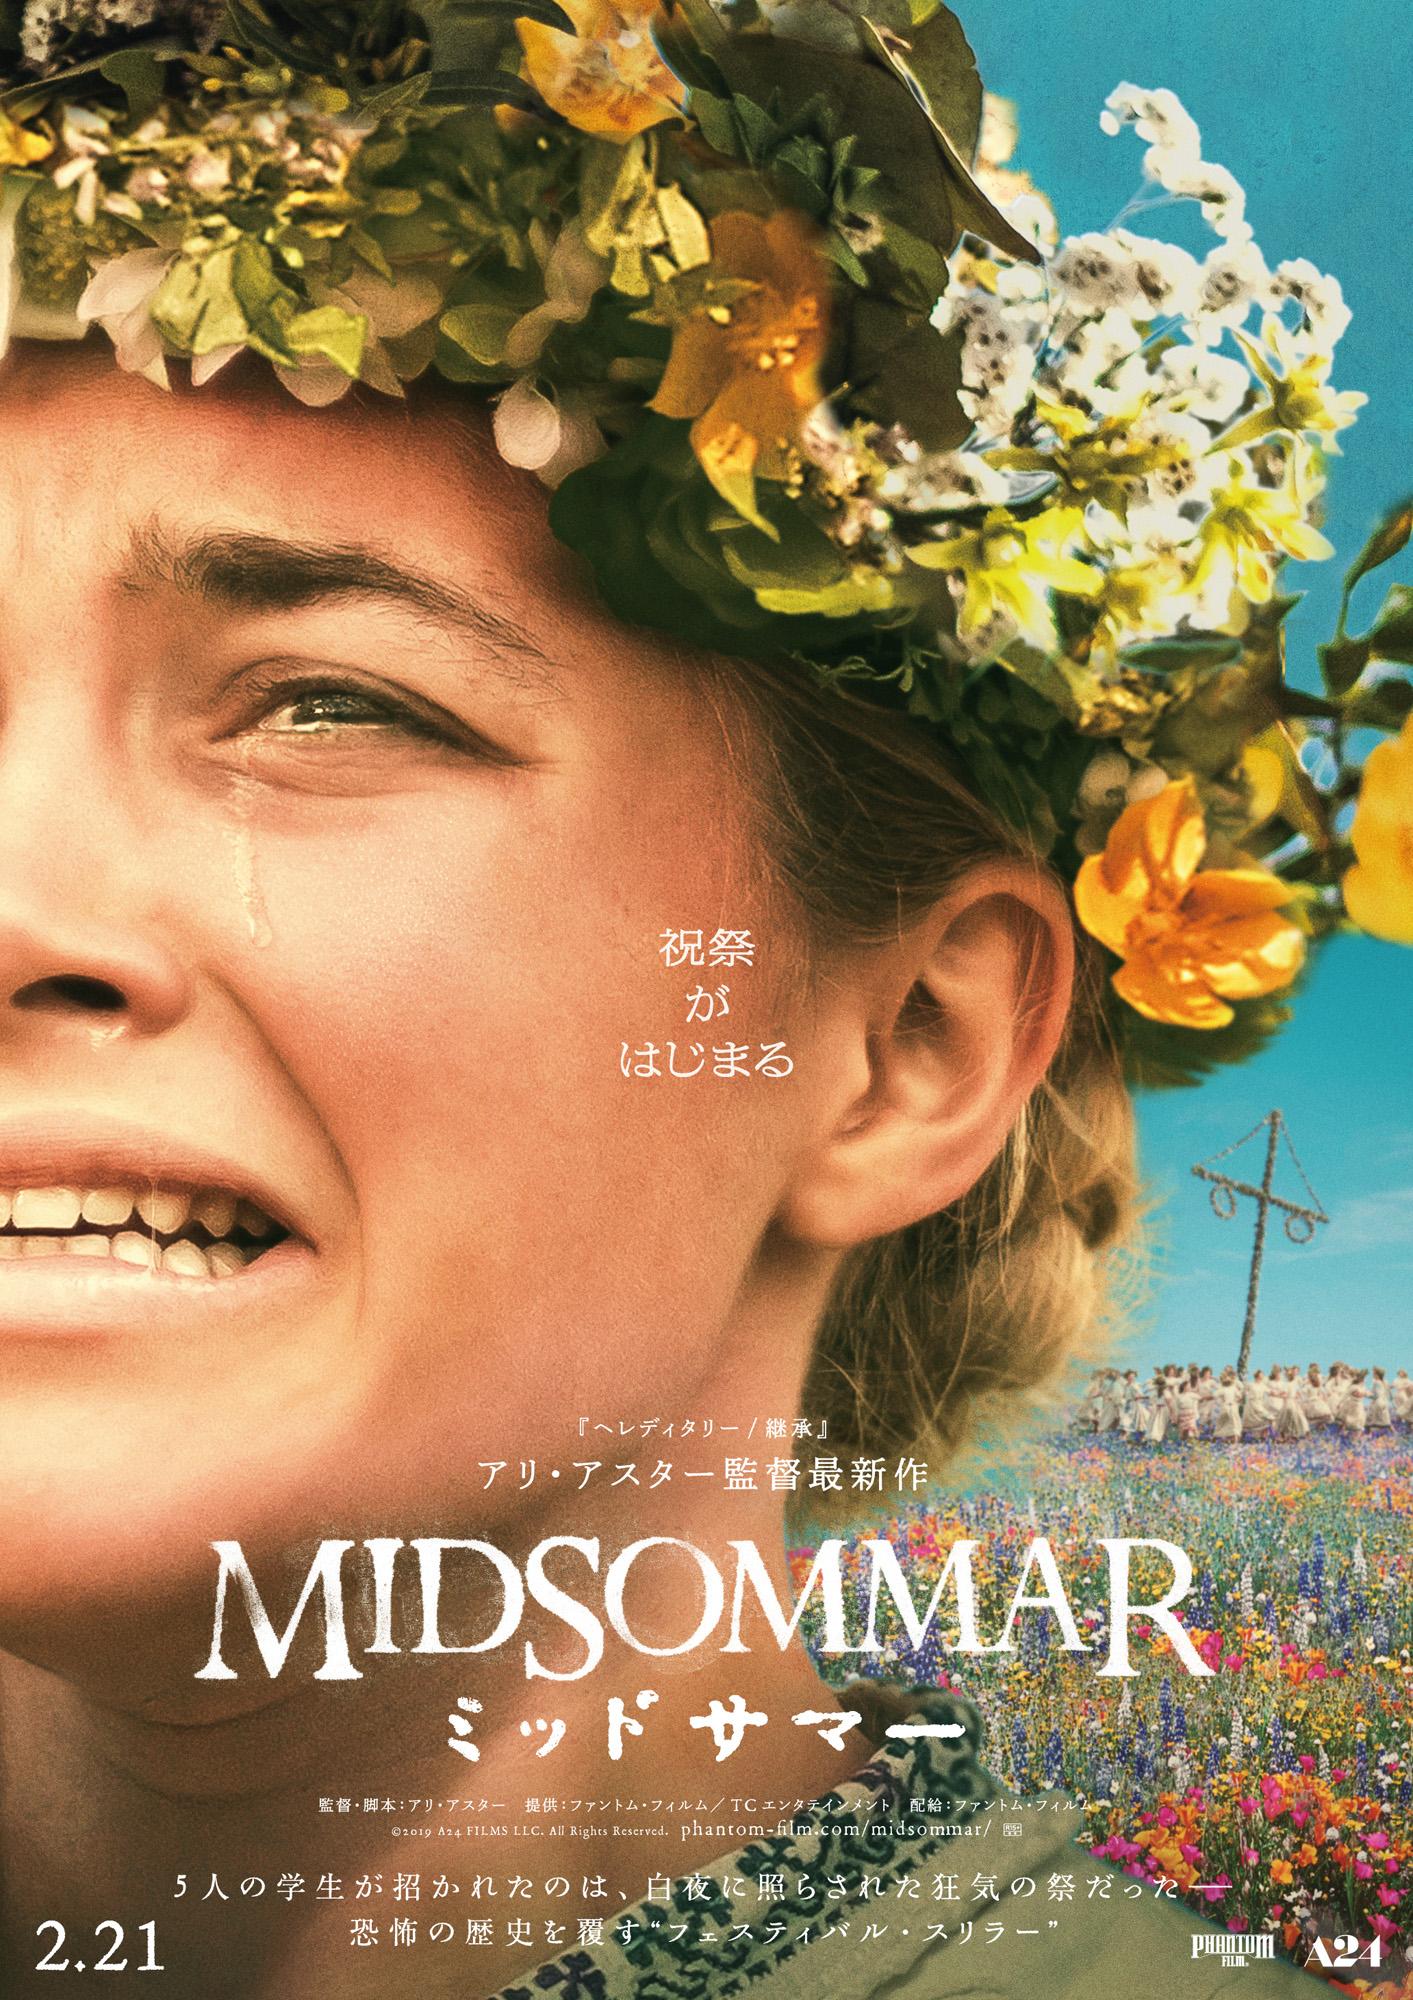 映画『ミッドサマー』は美しい…いやそれほんと? 大倉眞一郎が語る「この気持ちの悪さは何だ」